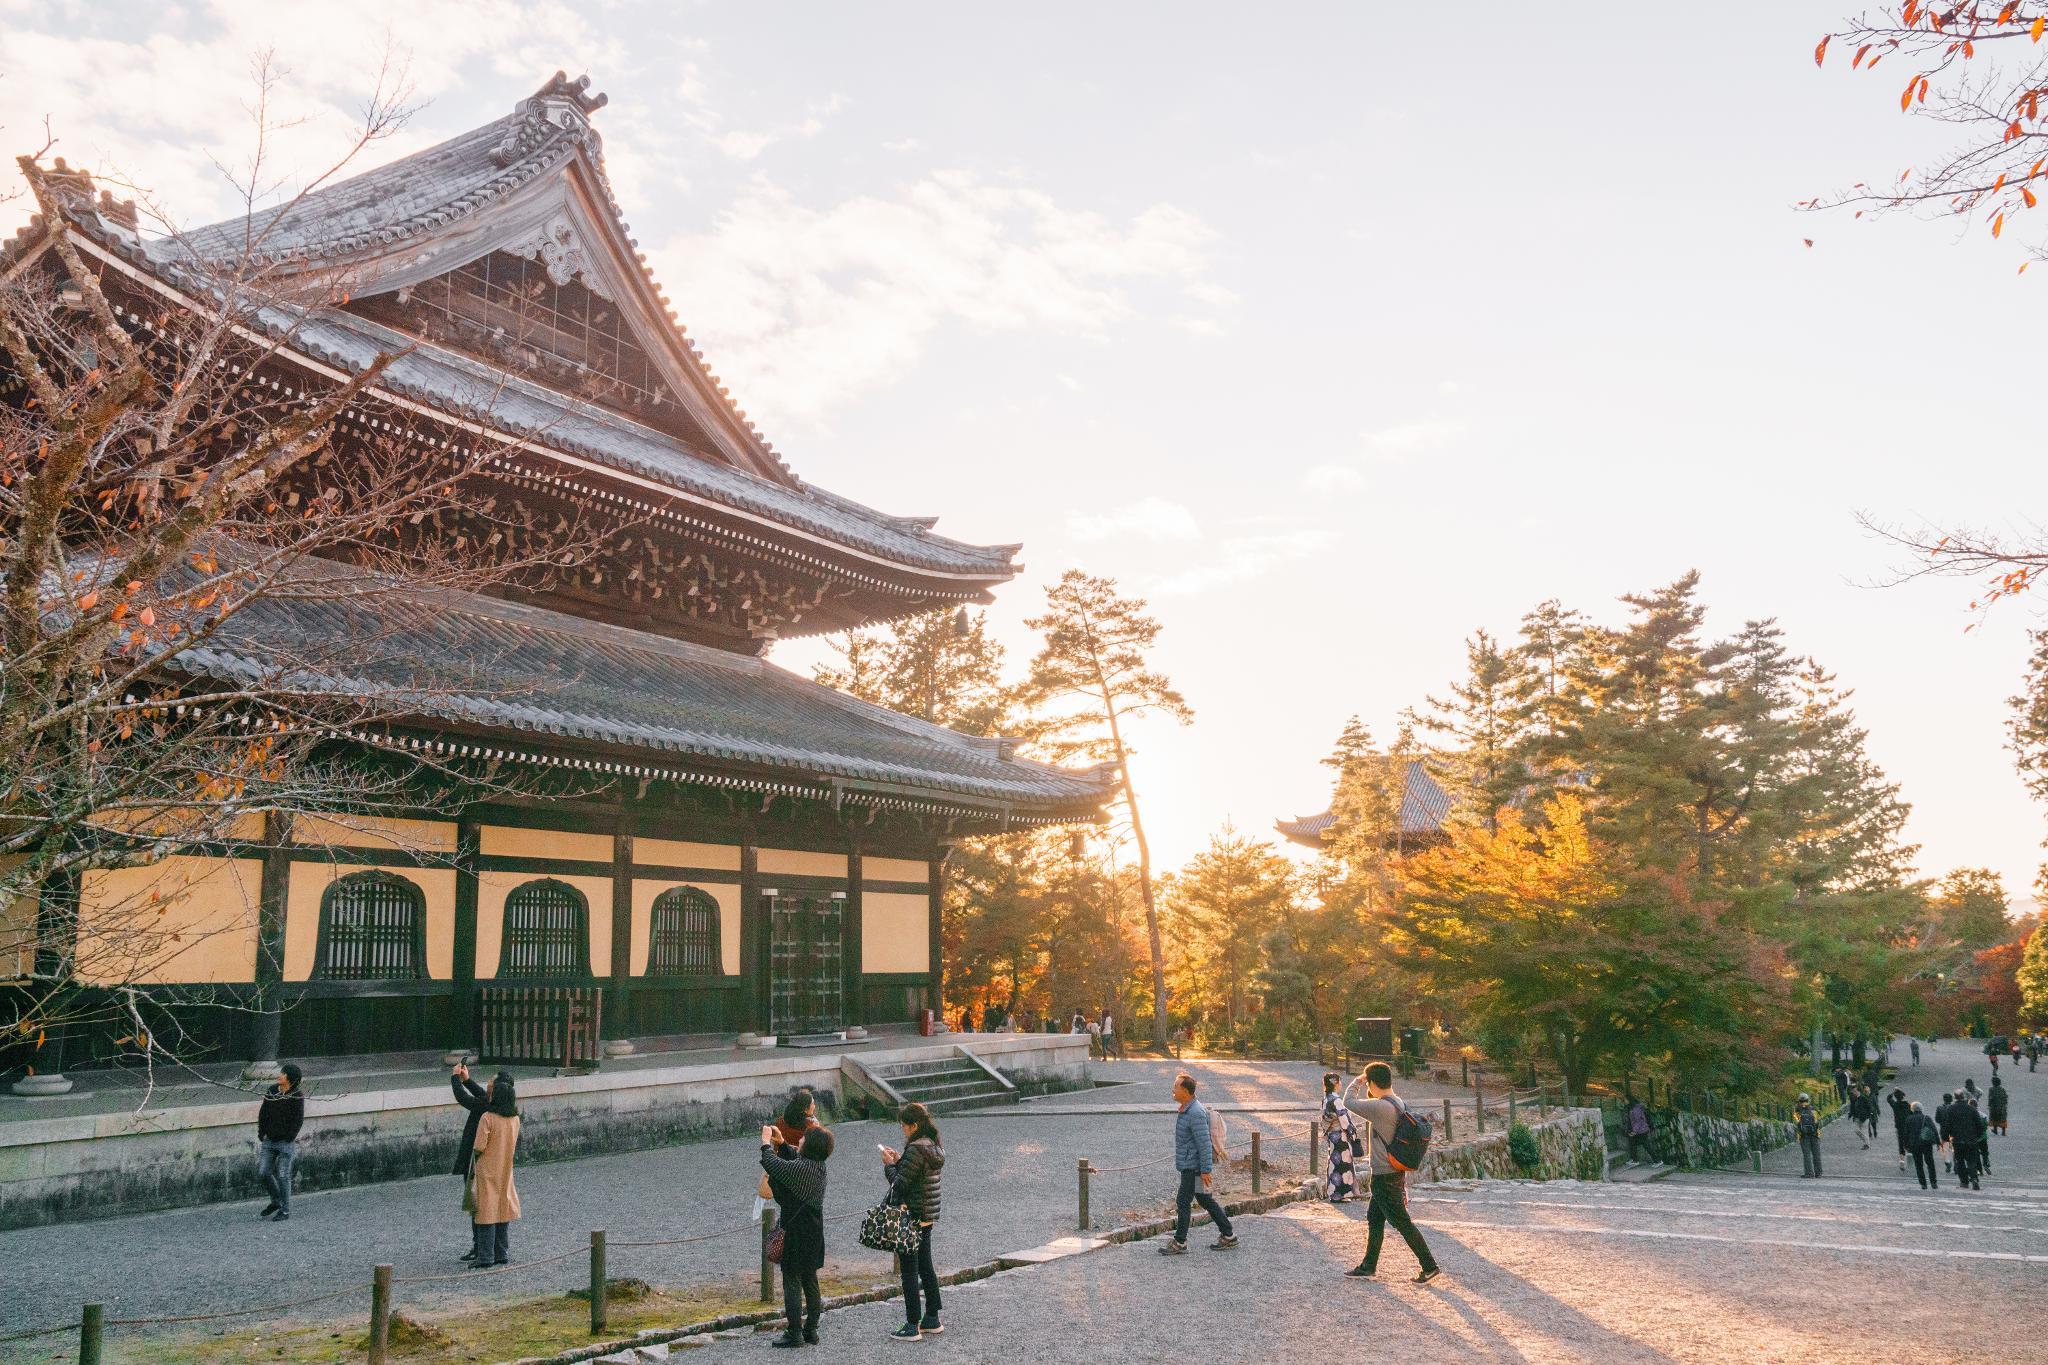 【京都】秋光葉影的古寺散策 - 南禪寺 108